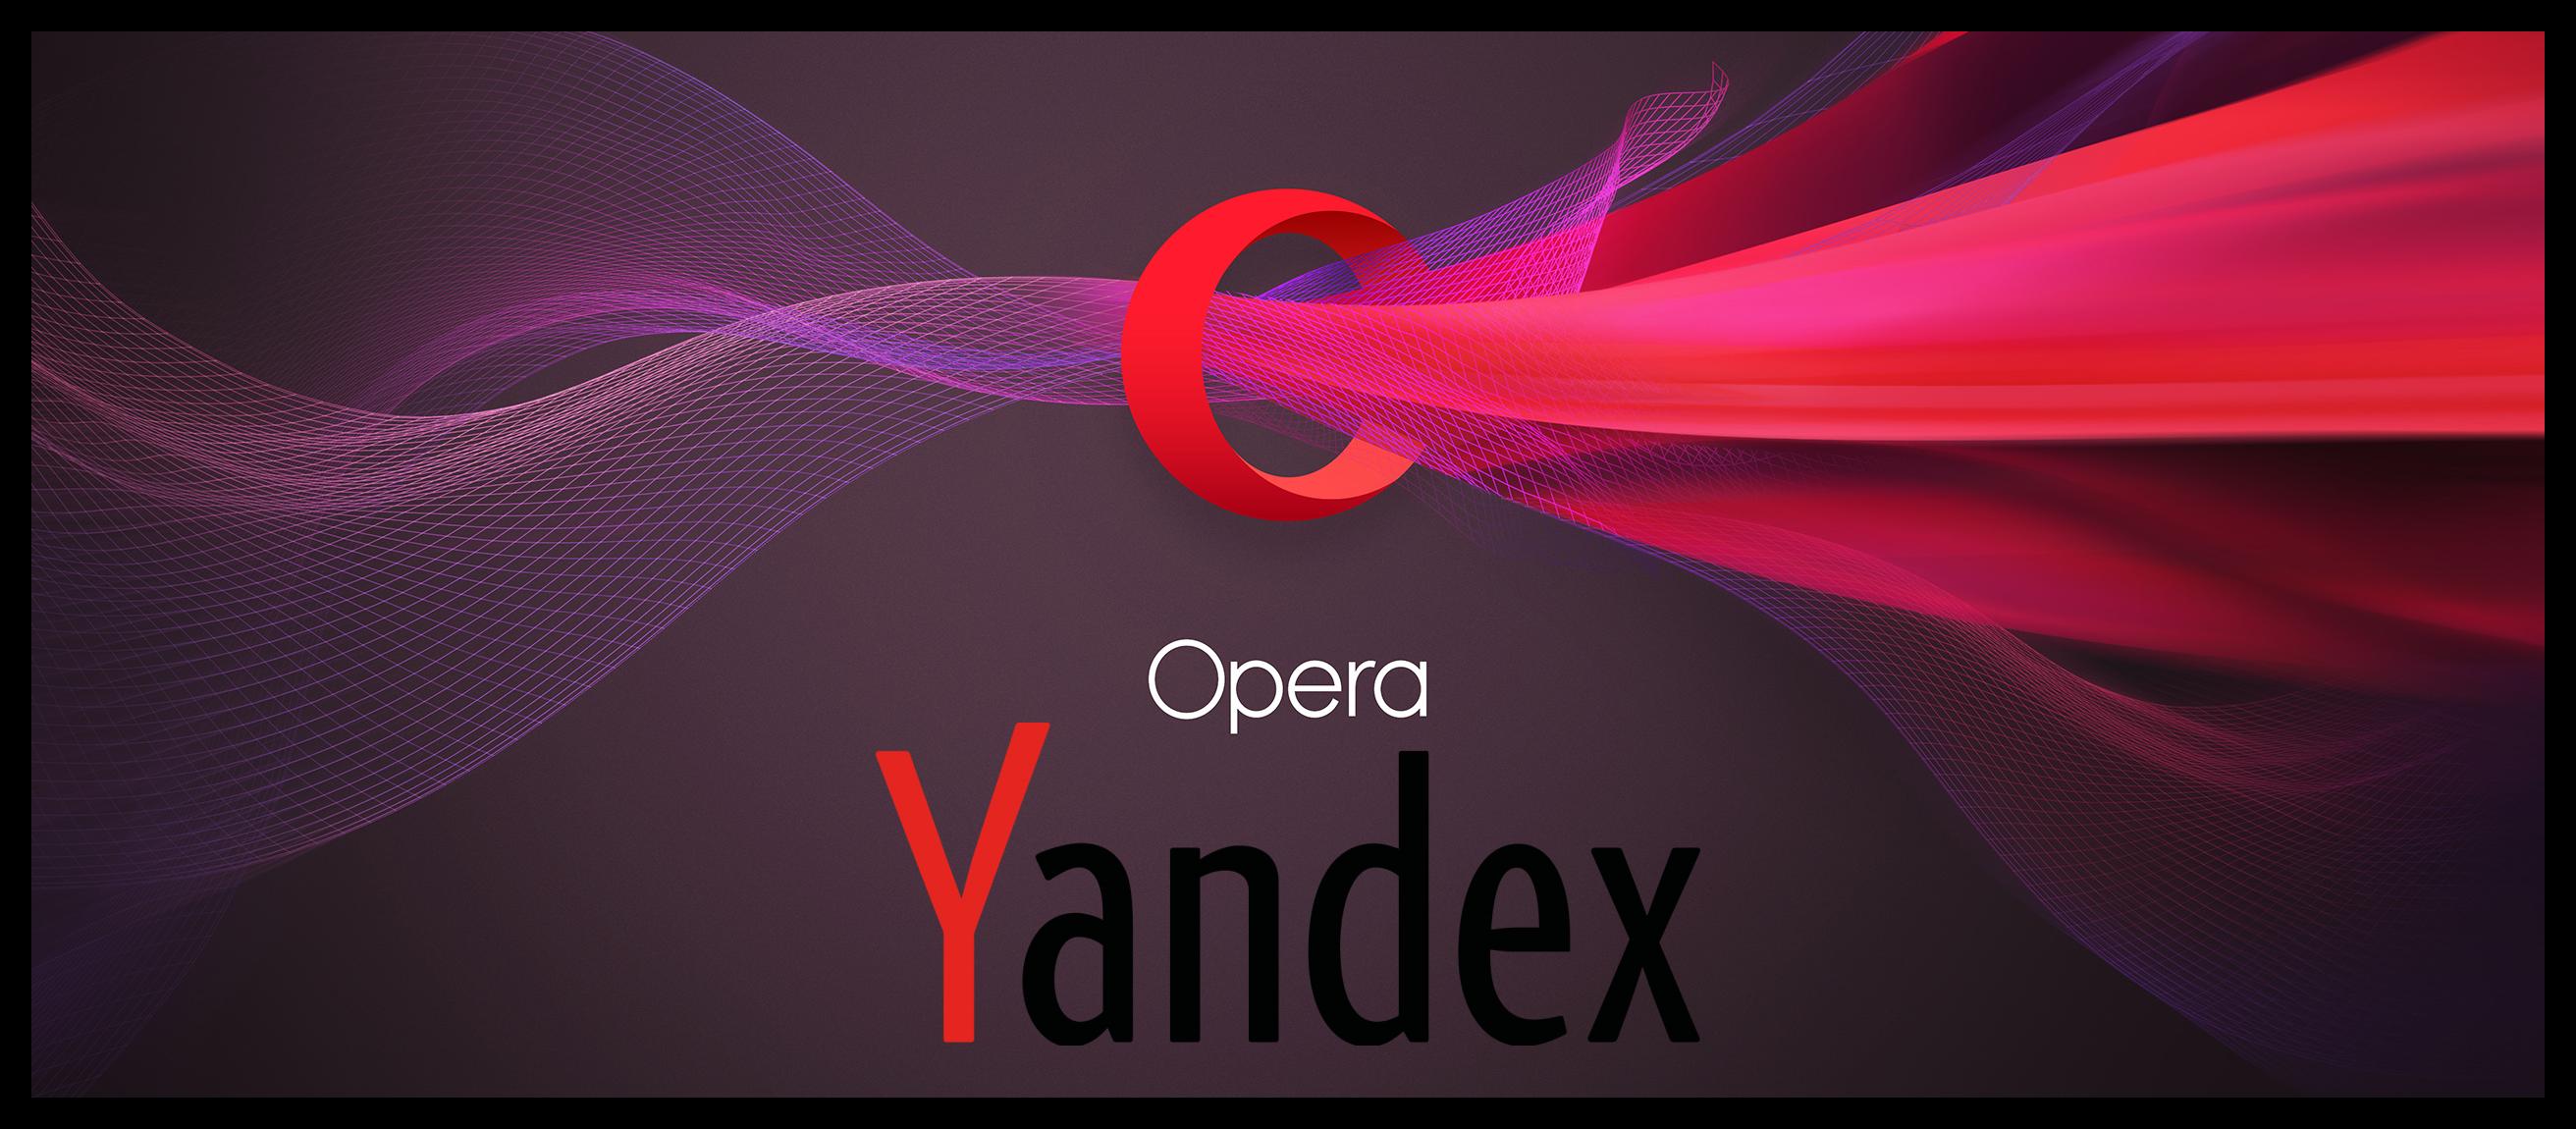 Картинка Yandex Opera